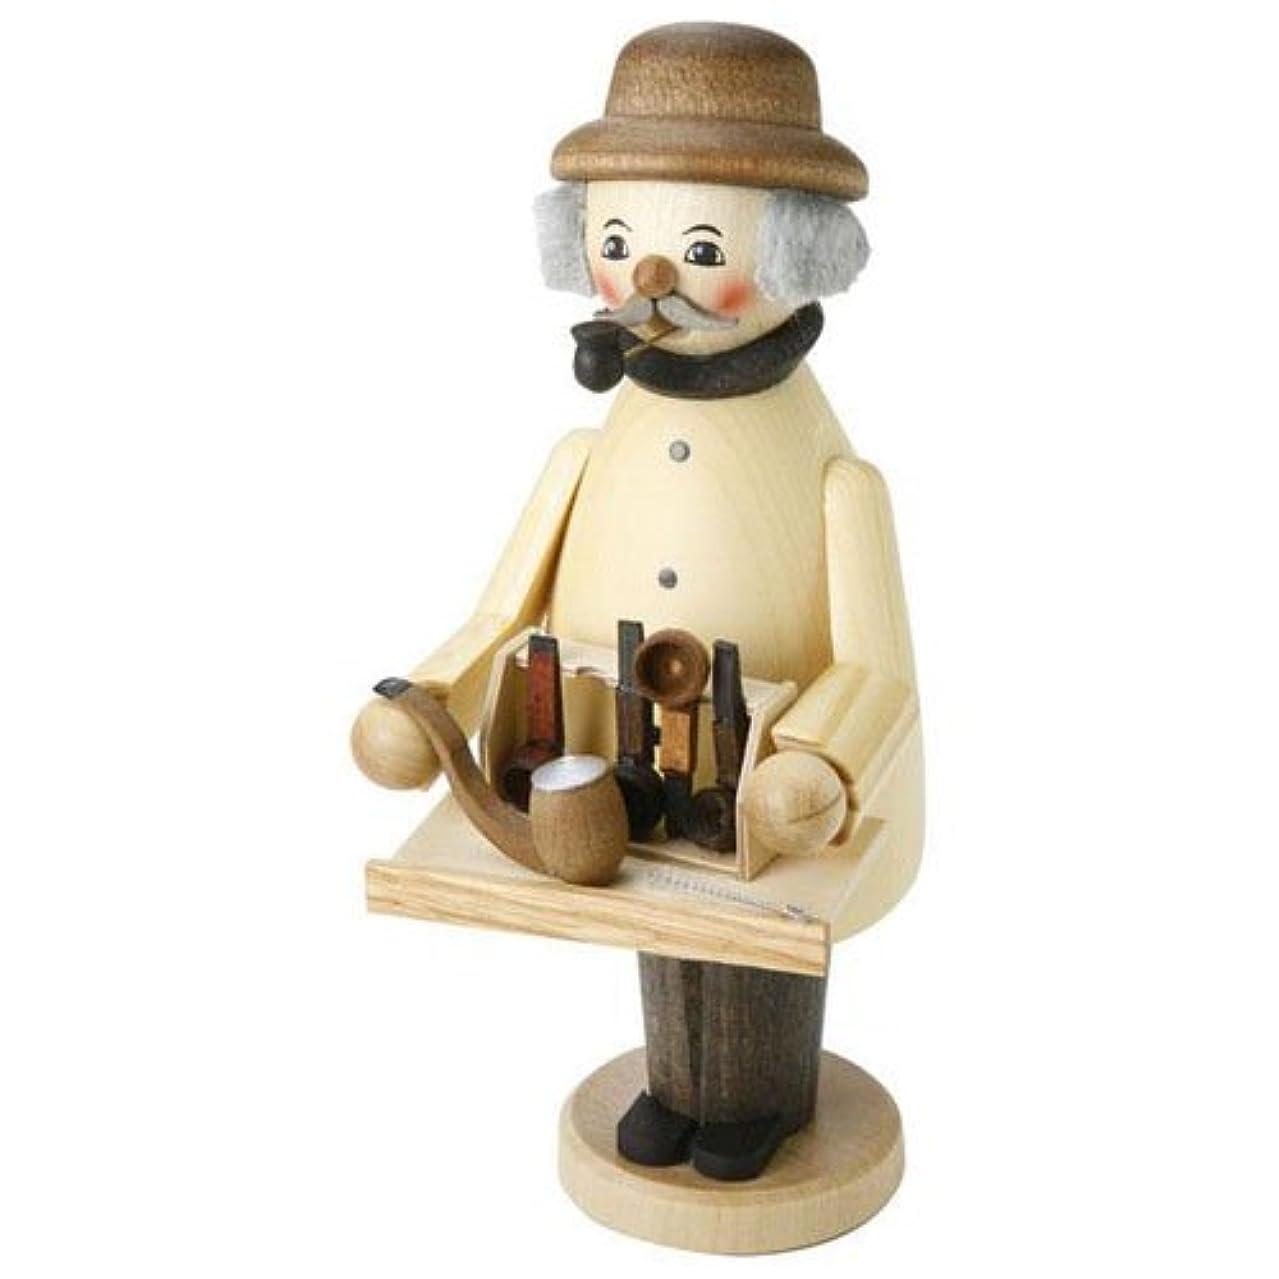 スタイル発火する医薬39089 Kuhnert(クーネルト) ミニパイプ人形香炉 パイプ売り